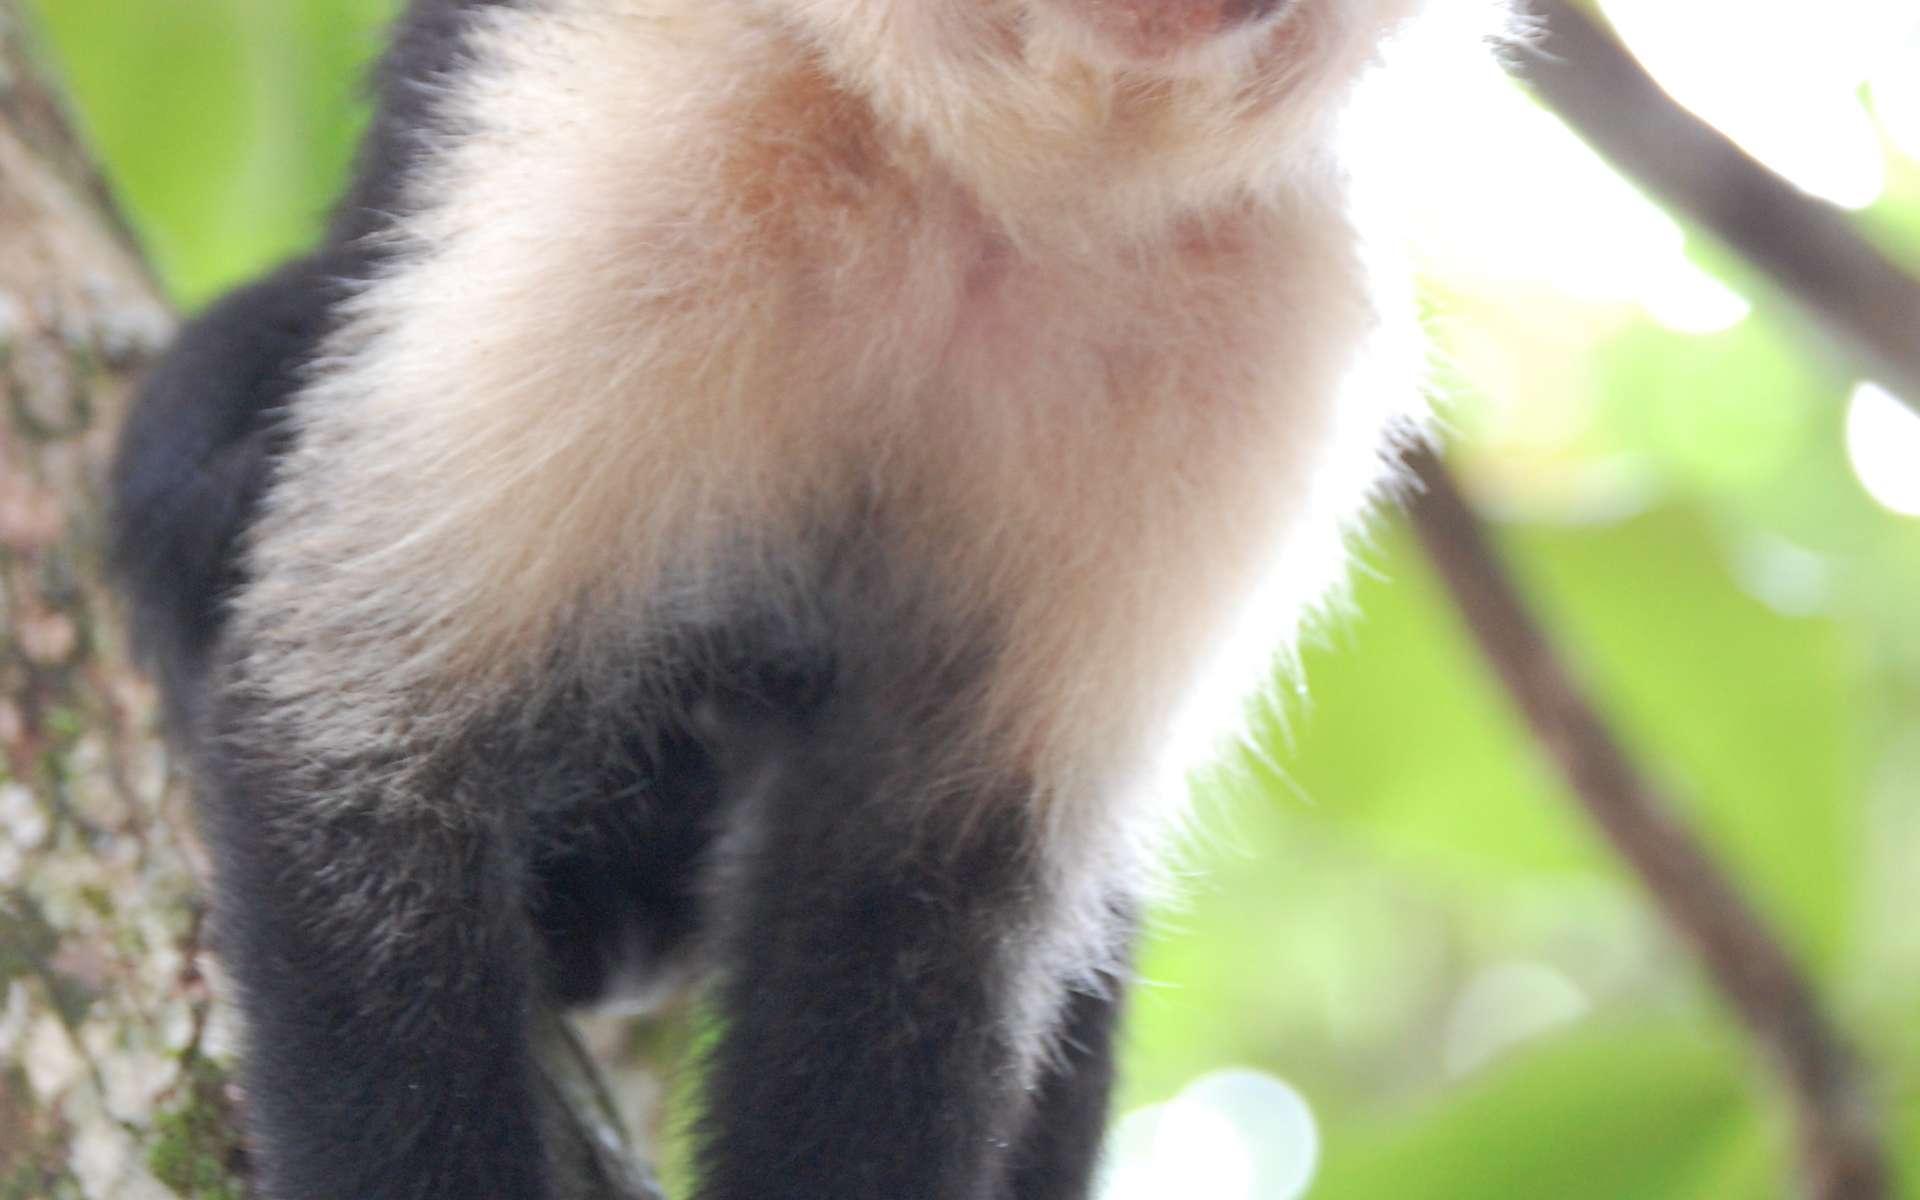 Très intelligent, le capucin moine est régulièrement capturé pour servir d'animal de compagnie. © Steven G. Johnson, CC-by-SA 3.0